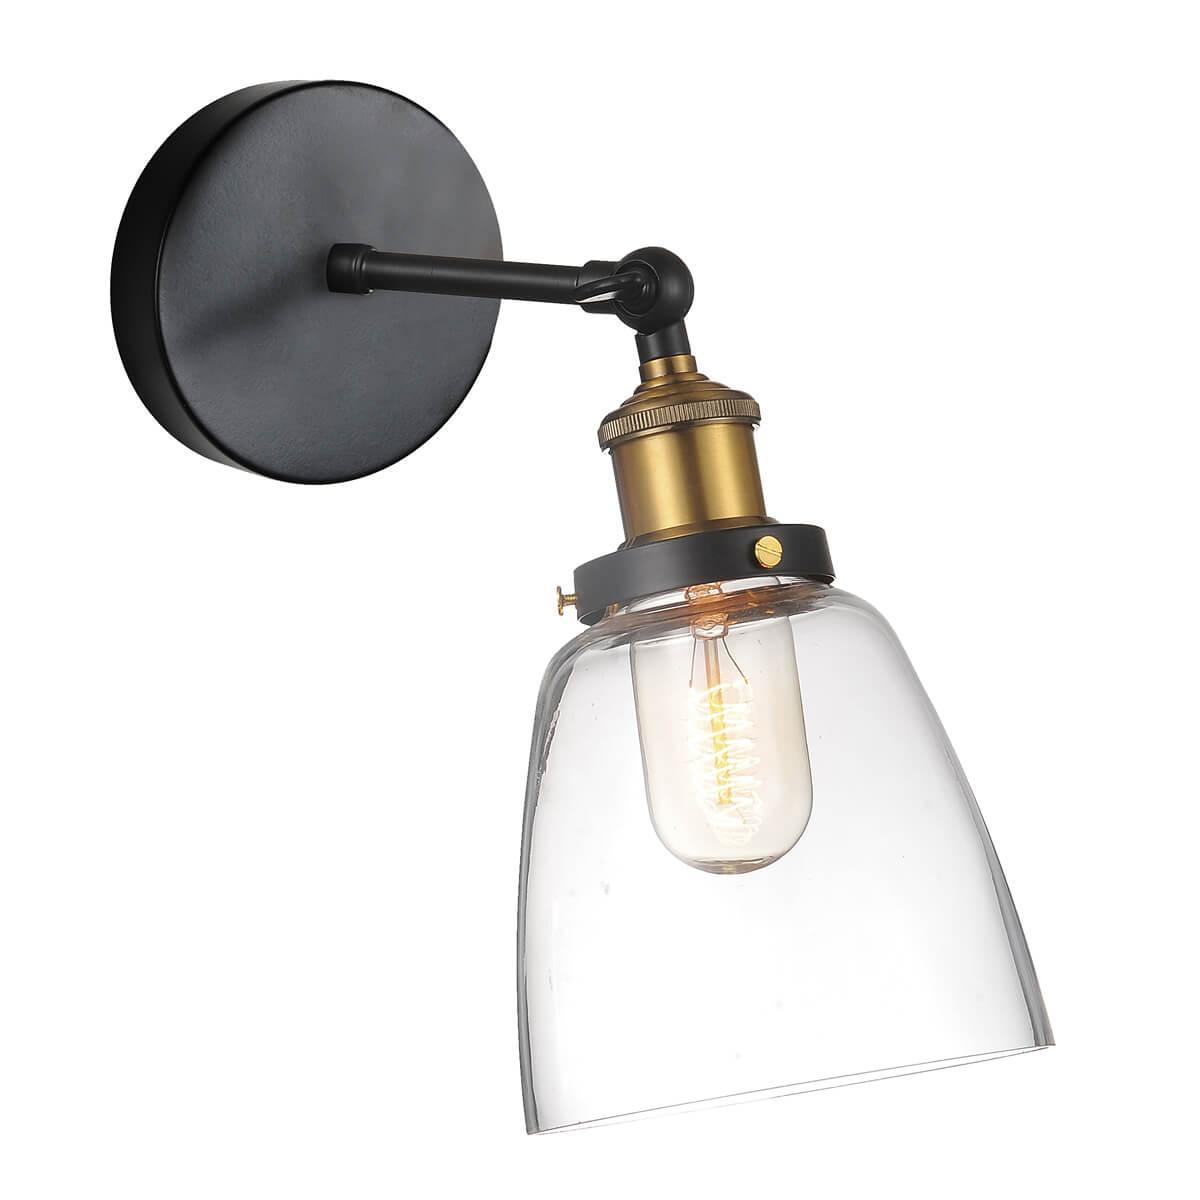 Купить Настенный светильник бра Forward в интернет магазине дизайнерской мебели и аксессуаров для дома и дачи